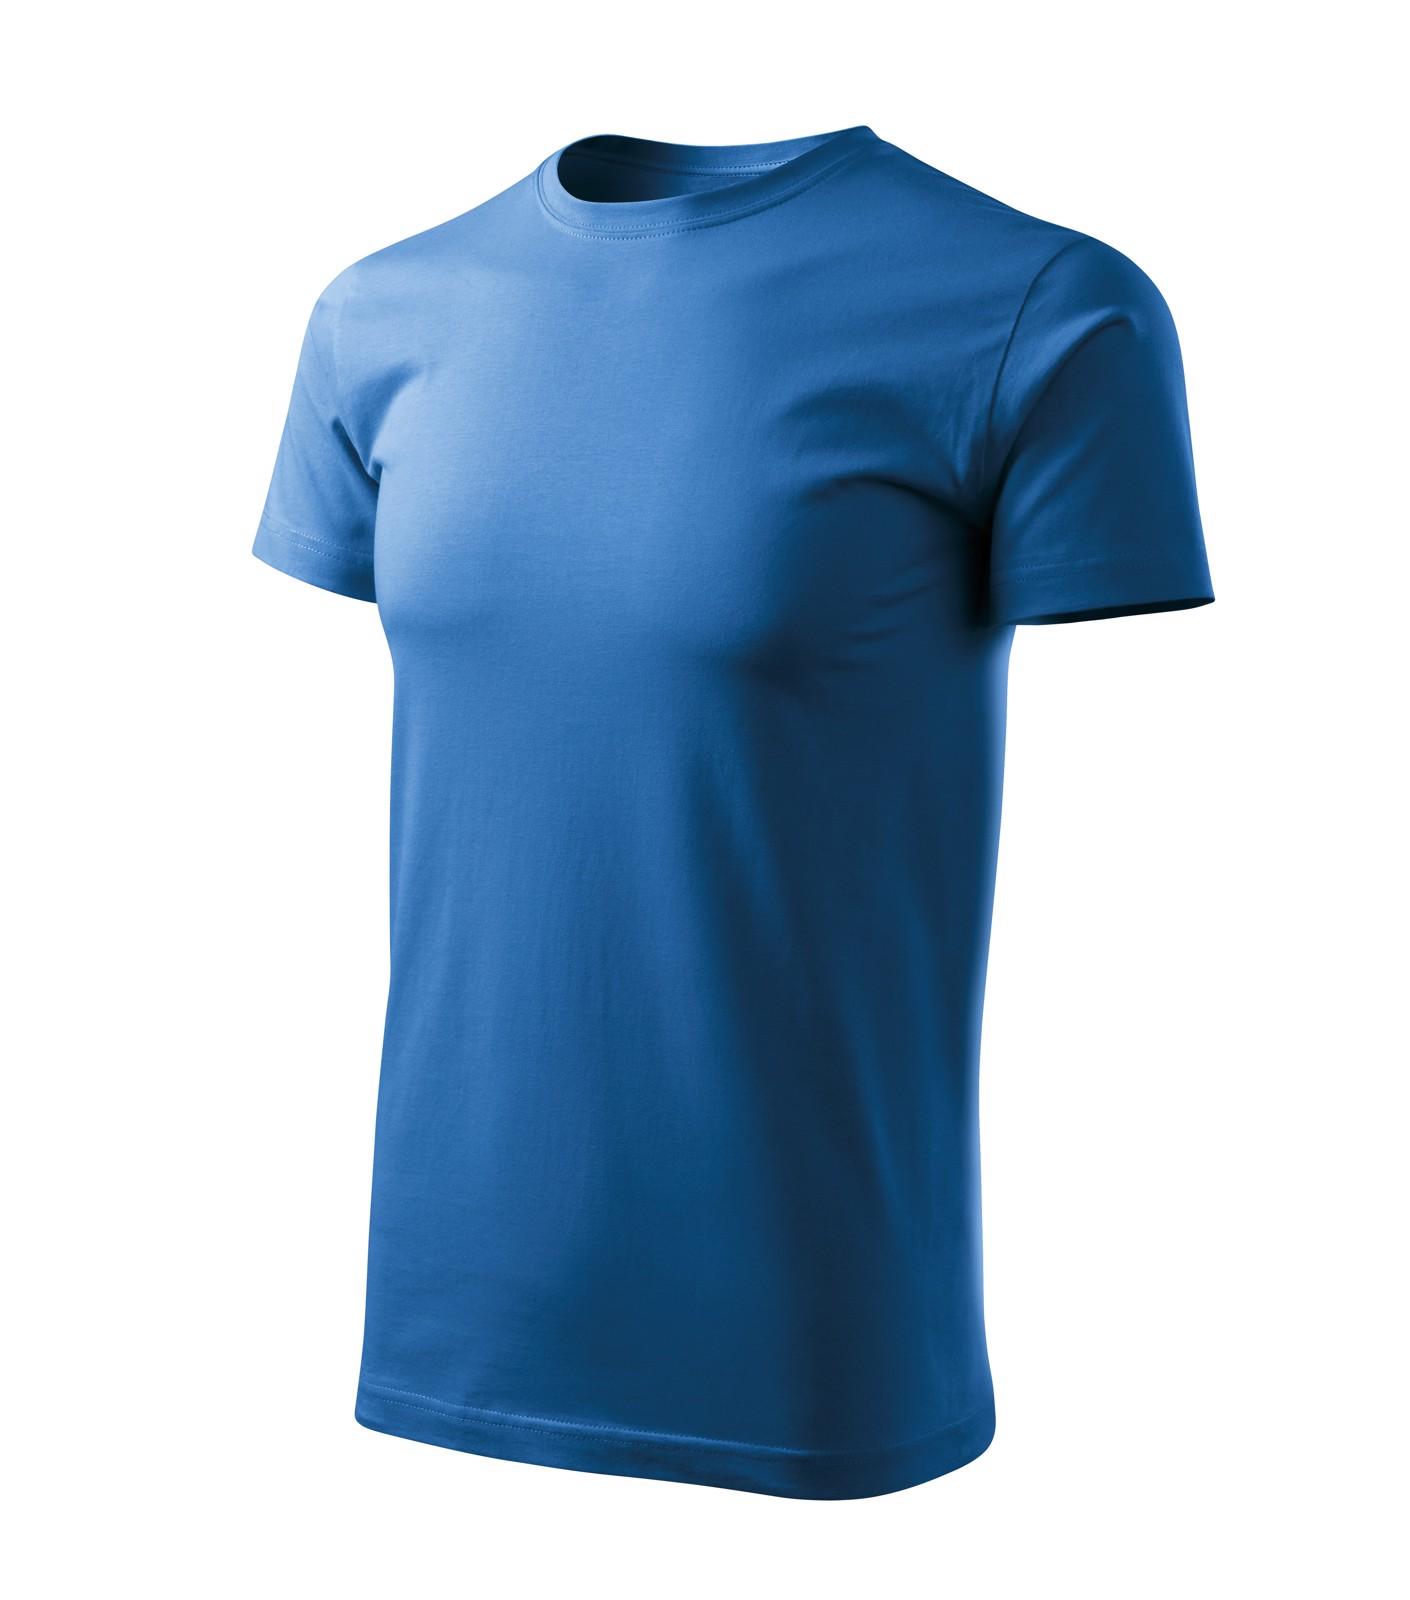 T-shirt men's Malfini Basic Free - Azure Blue / XL